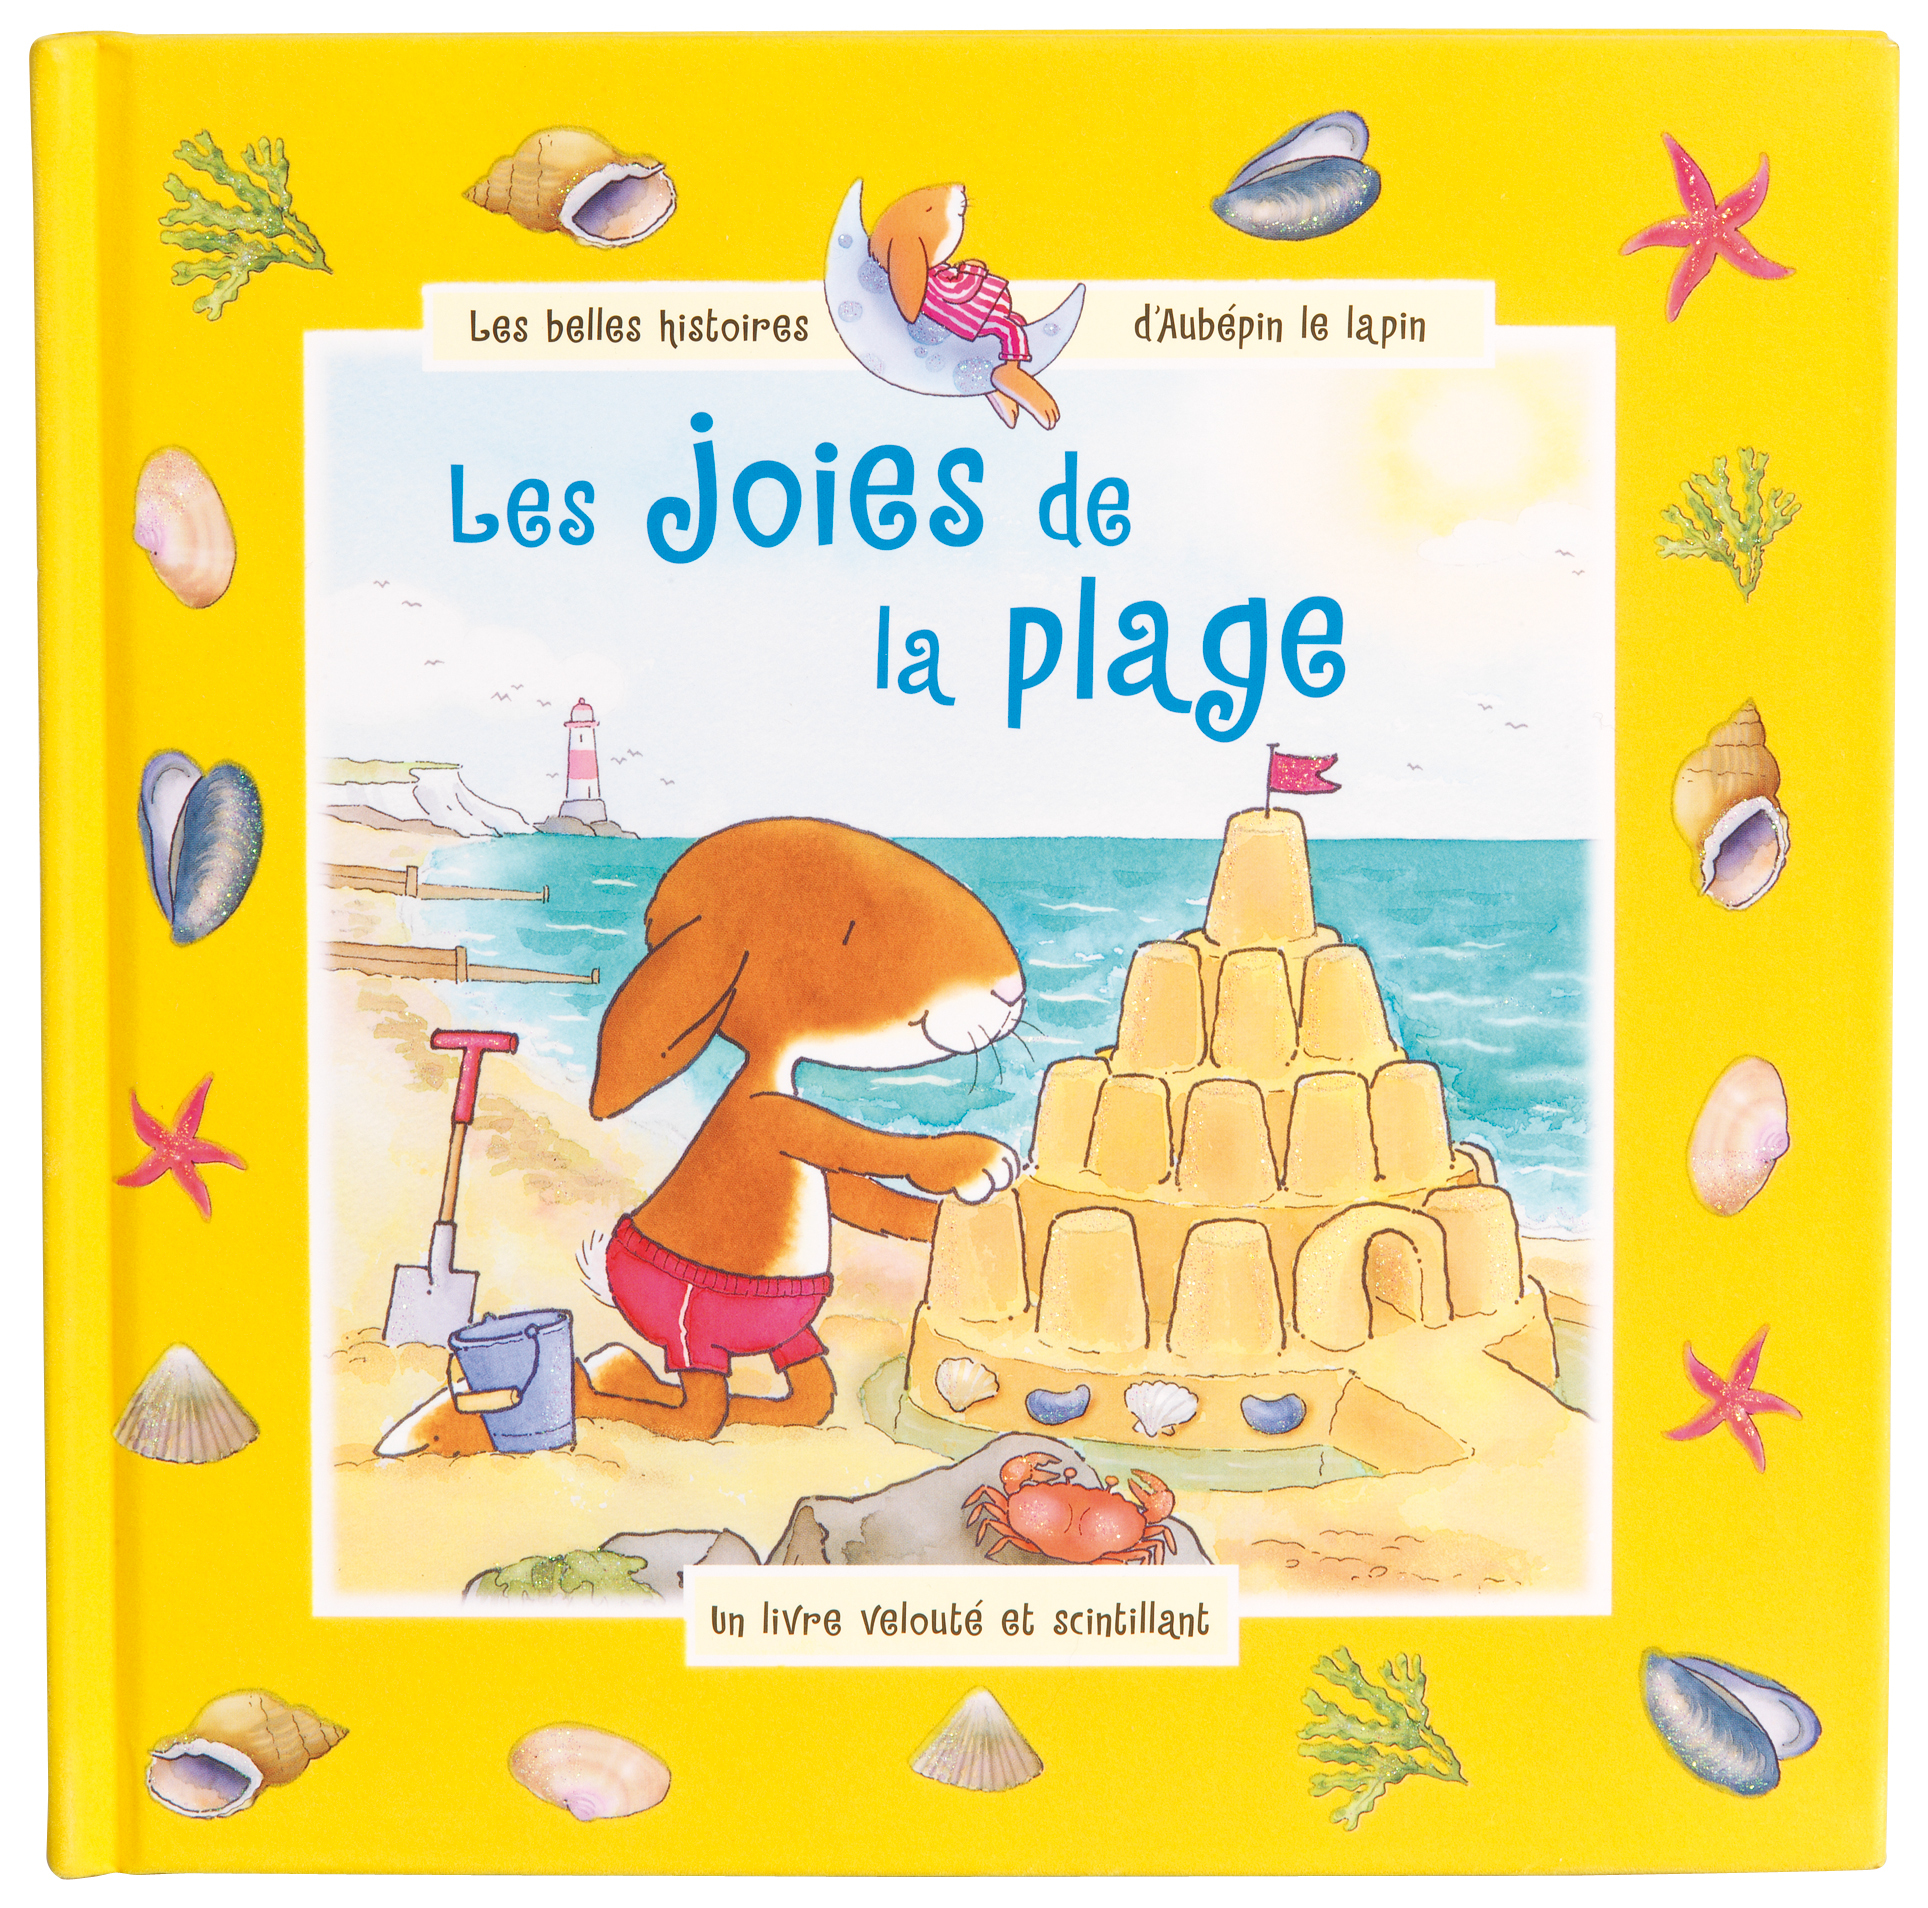 LES JOIES DE LA PLAGE